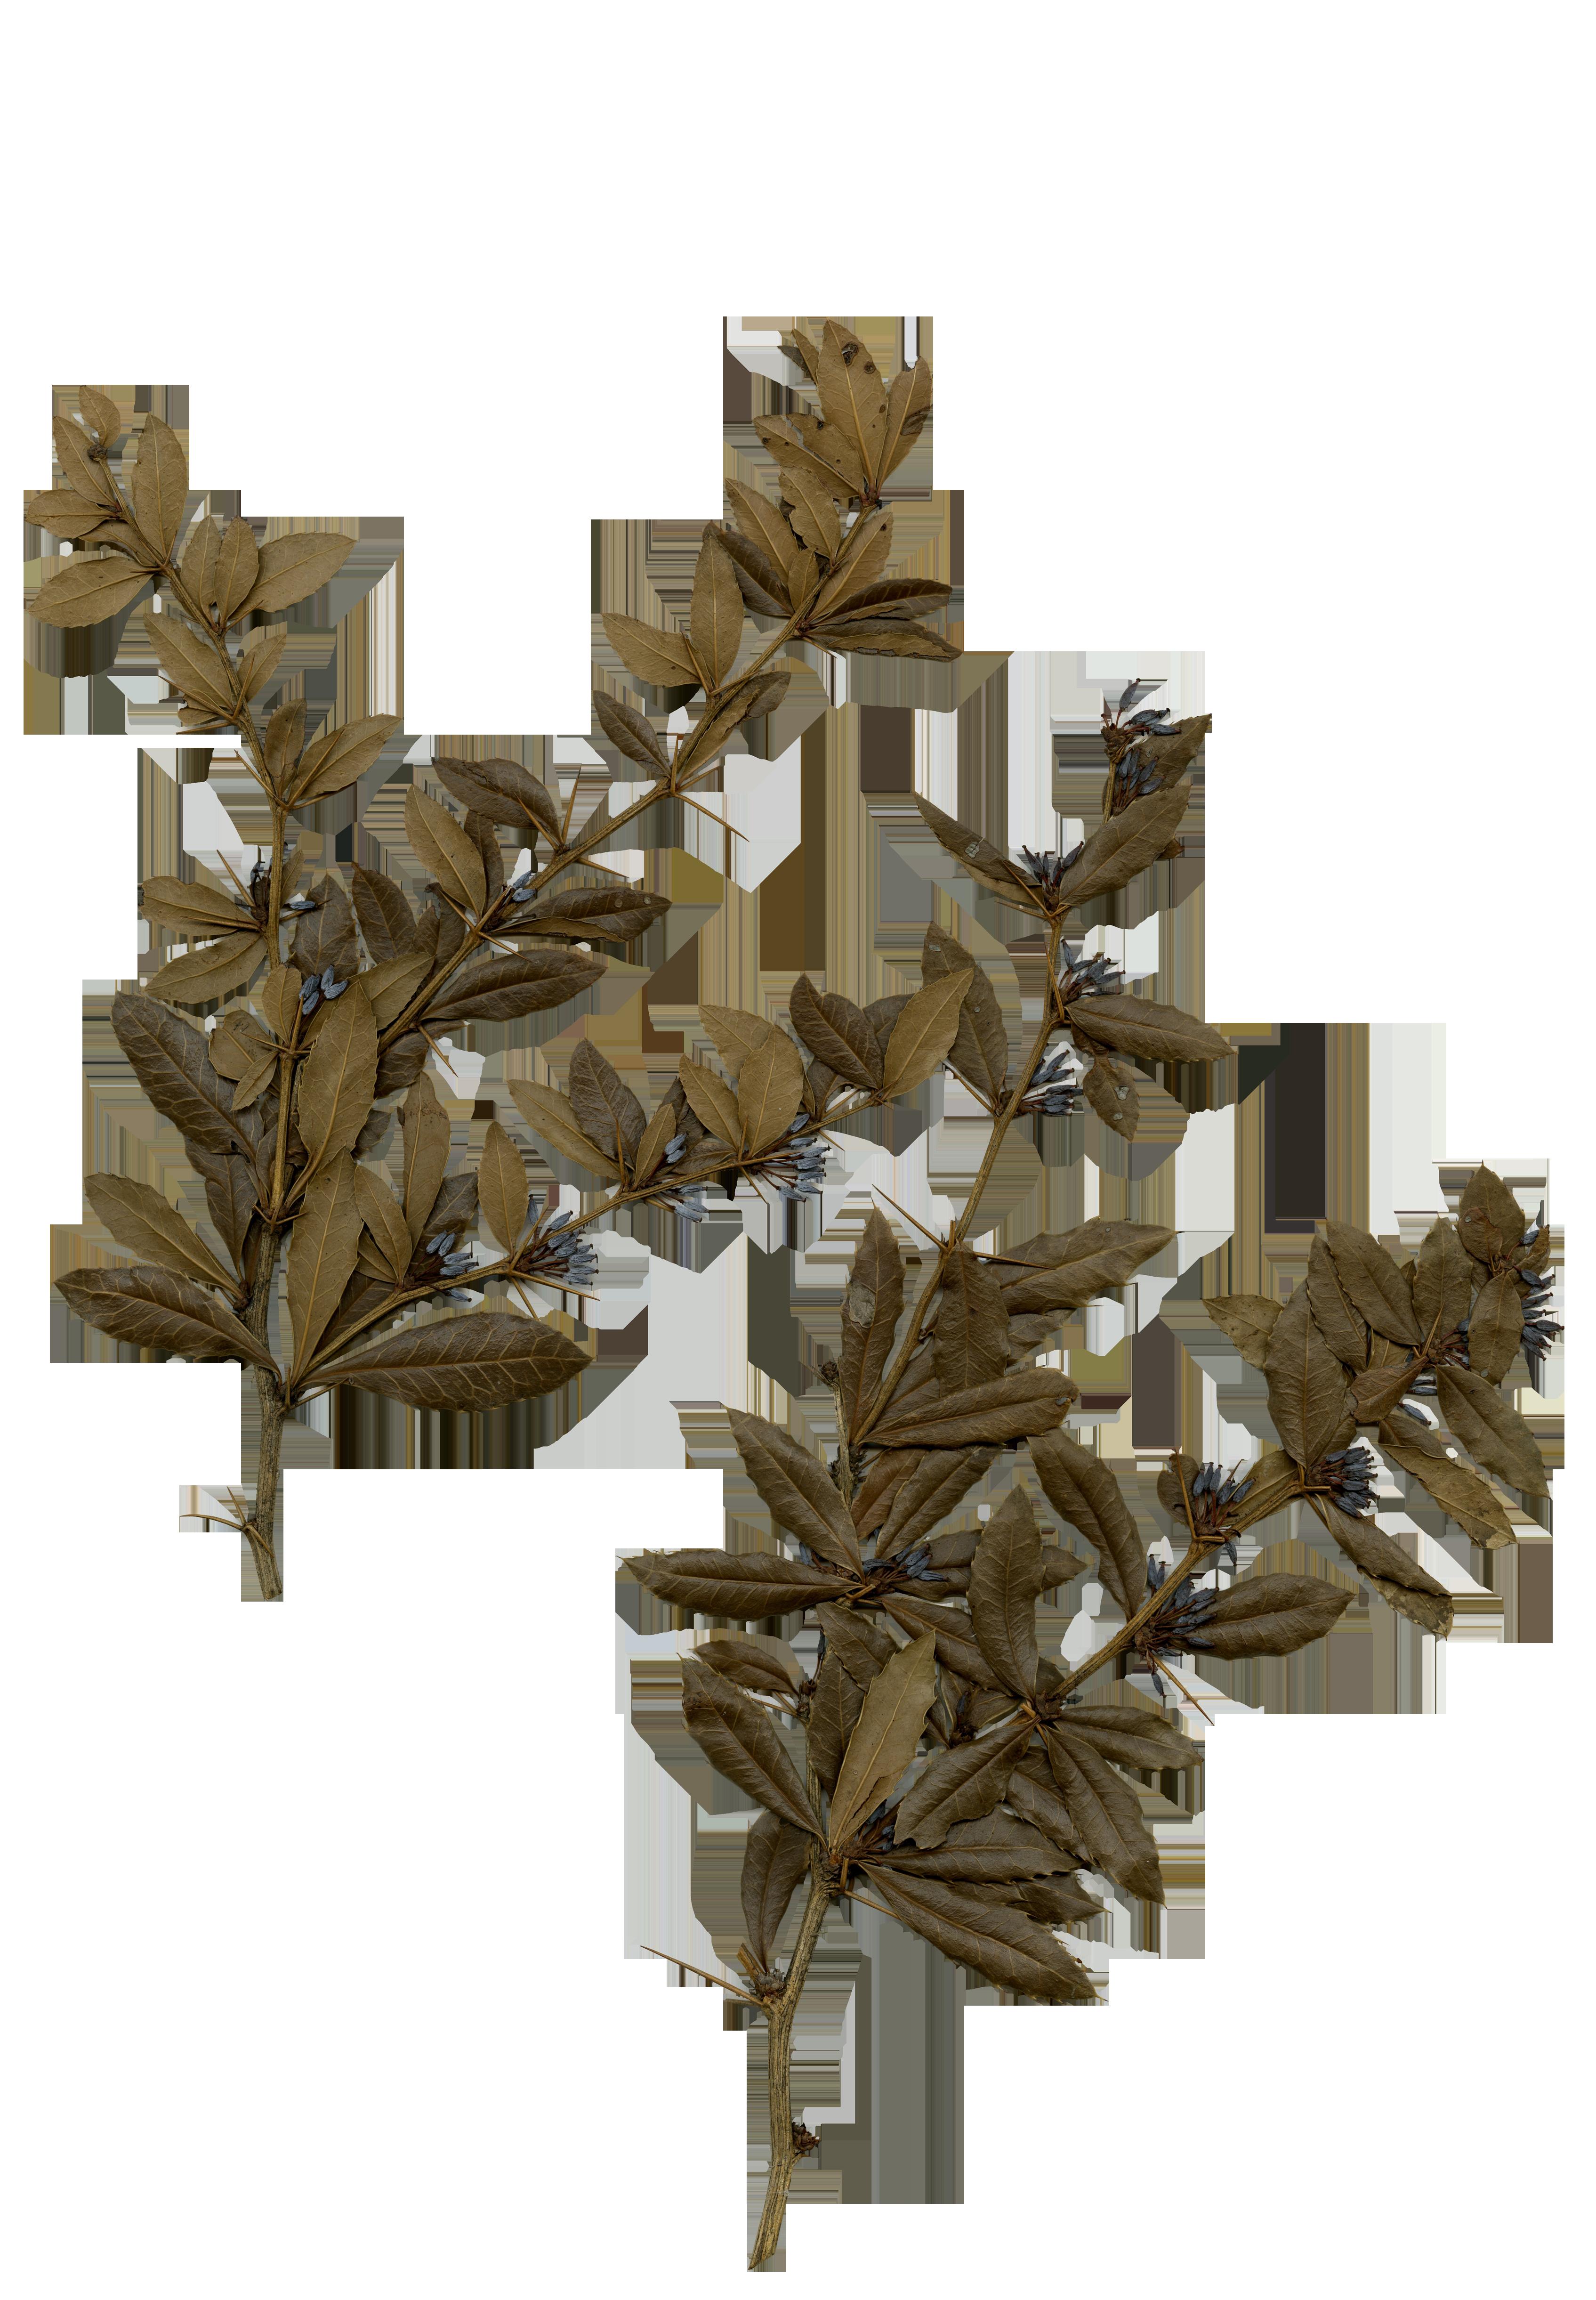 臺灣小檗(以川上為名的植物)